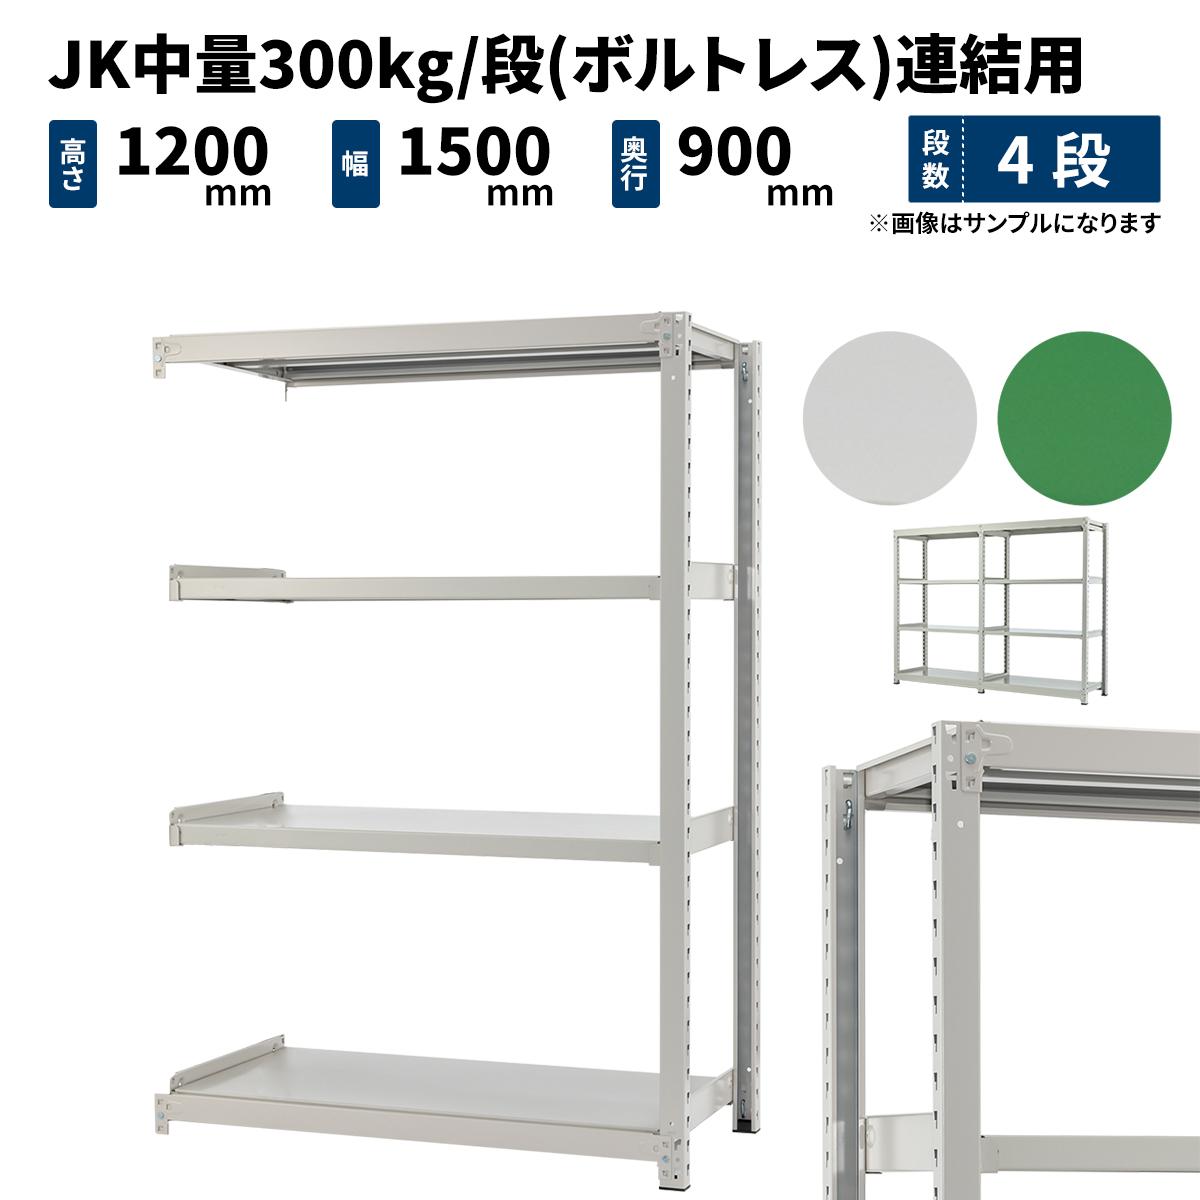 スチールラック 業務用 JK中量300kg/段(ボルトレス) 連結形式 高さ1200×幅1500×奥行900mm 4段 ホワイトグレー/グリーン (89kg) JK300_R-121509-4